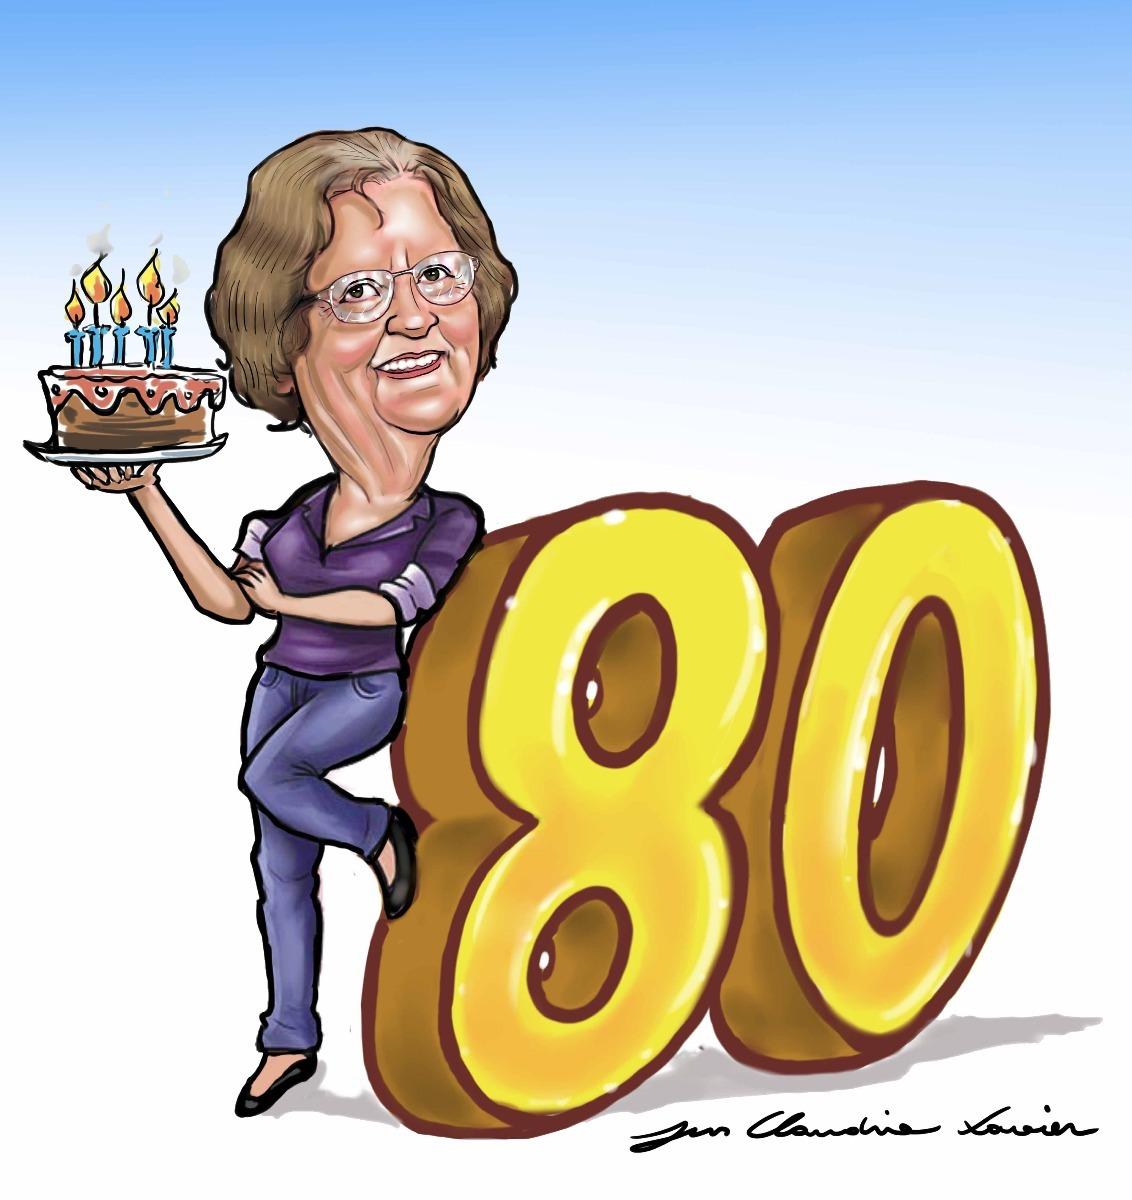 Caricatura Da Vovó Aniversario Com Bolo Vela 80 Anos Legal